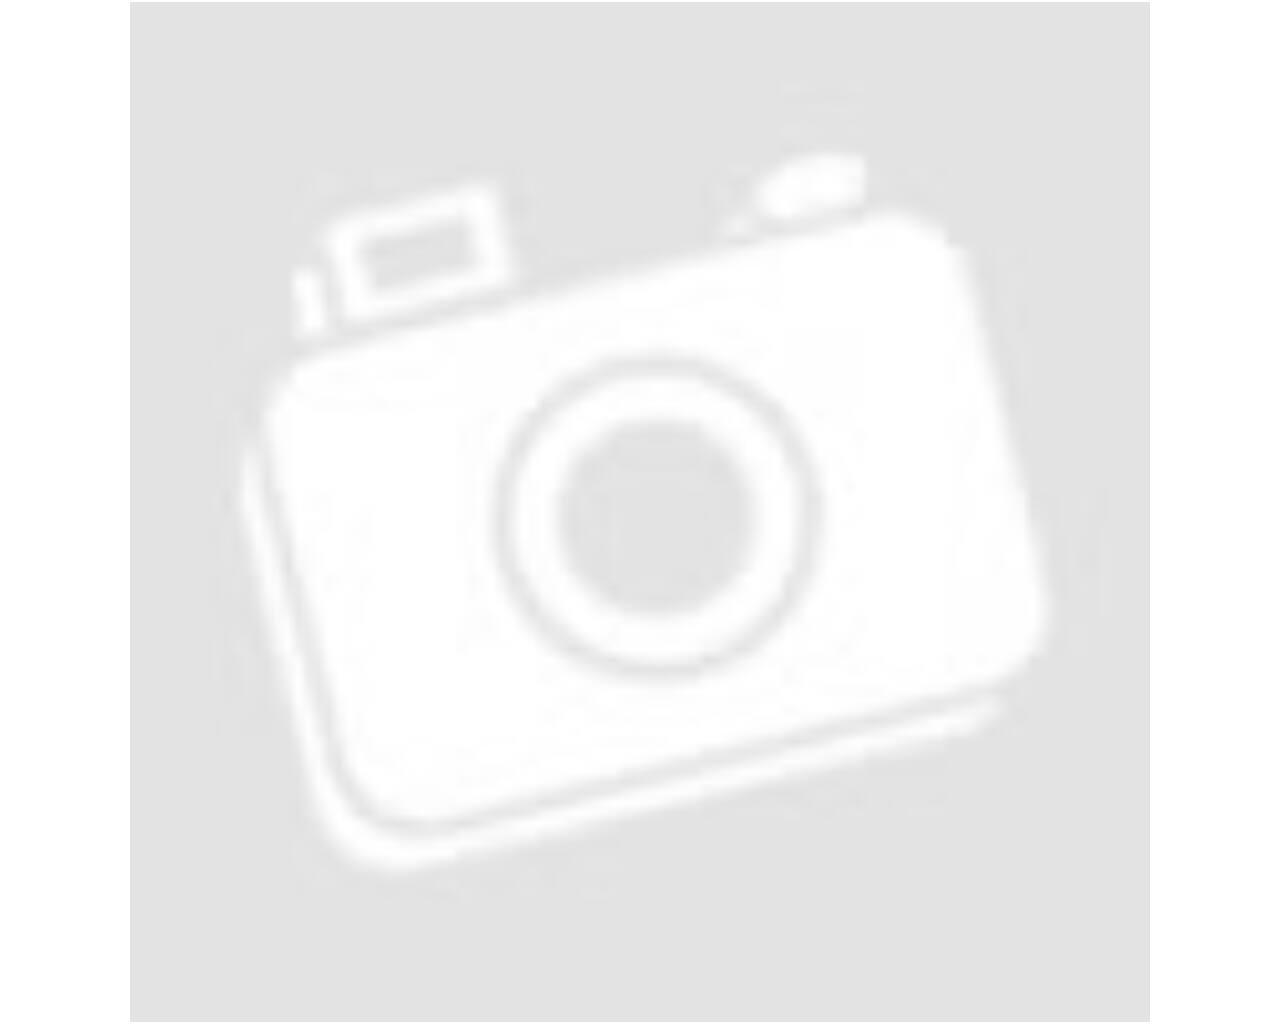 Belső sarok  pacific tölgy 52 x 27 mm 4 db / csomag